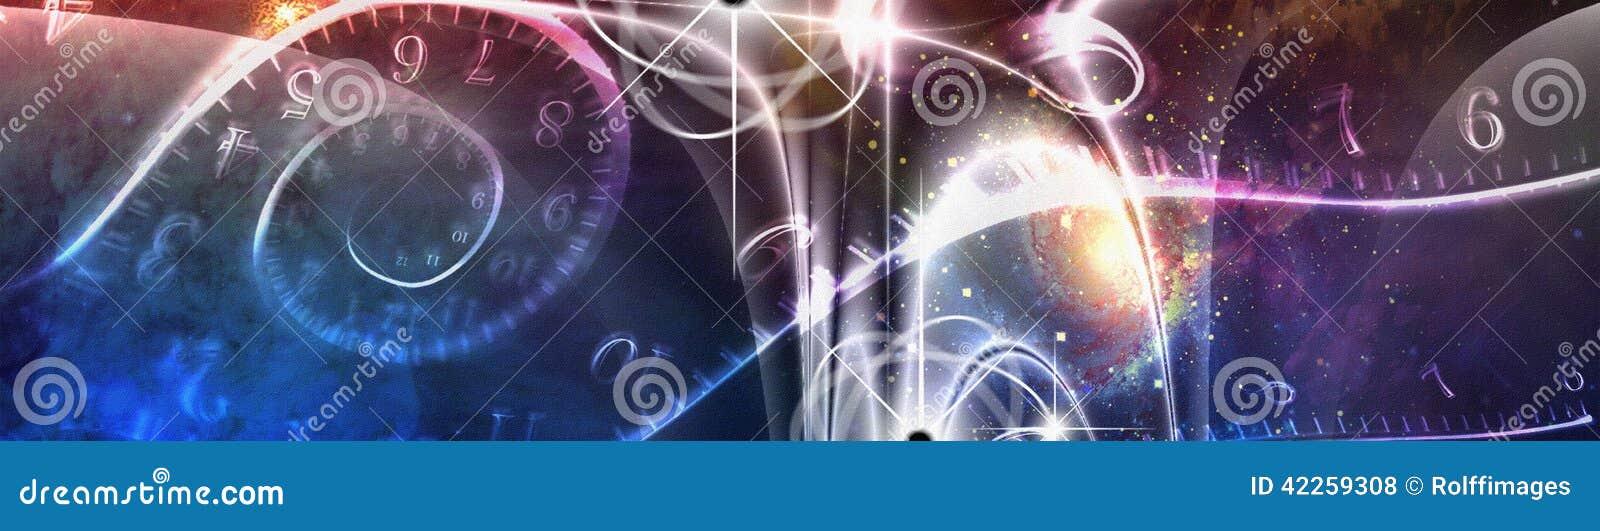 Raum-Zeit-Illustration